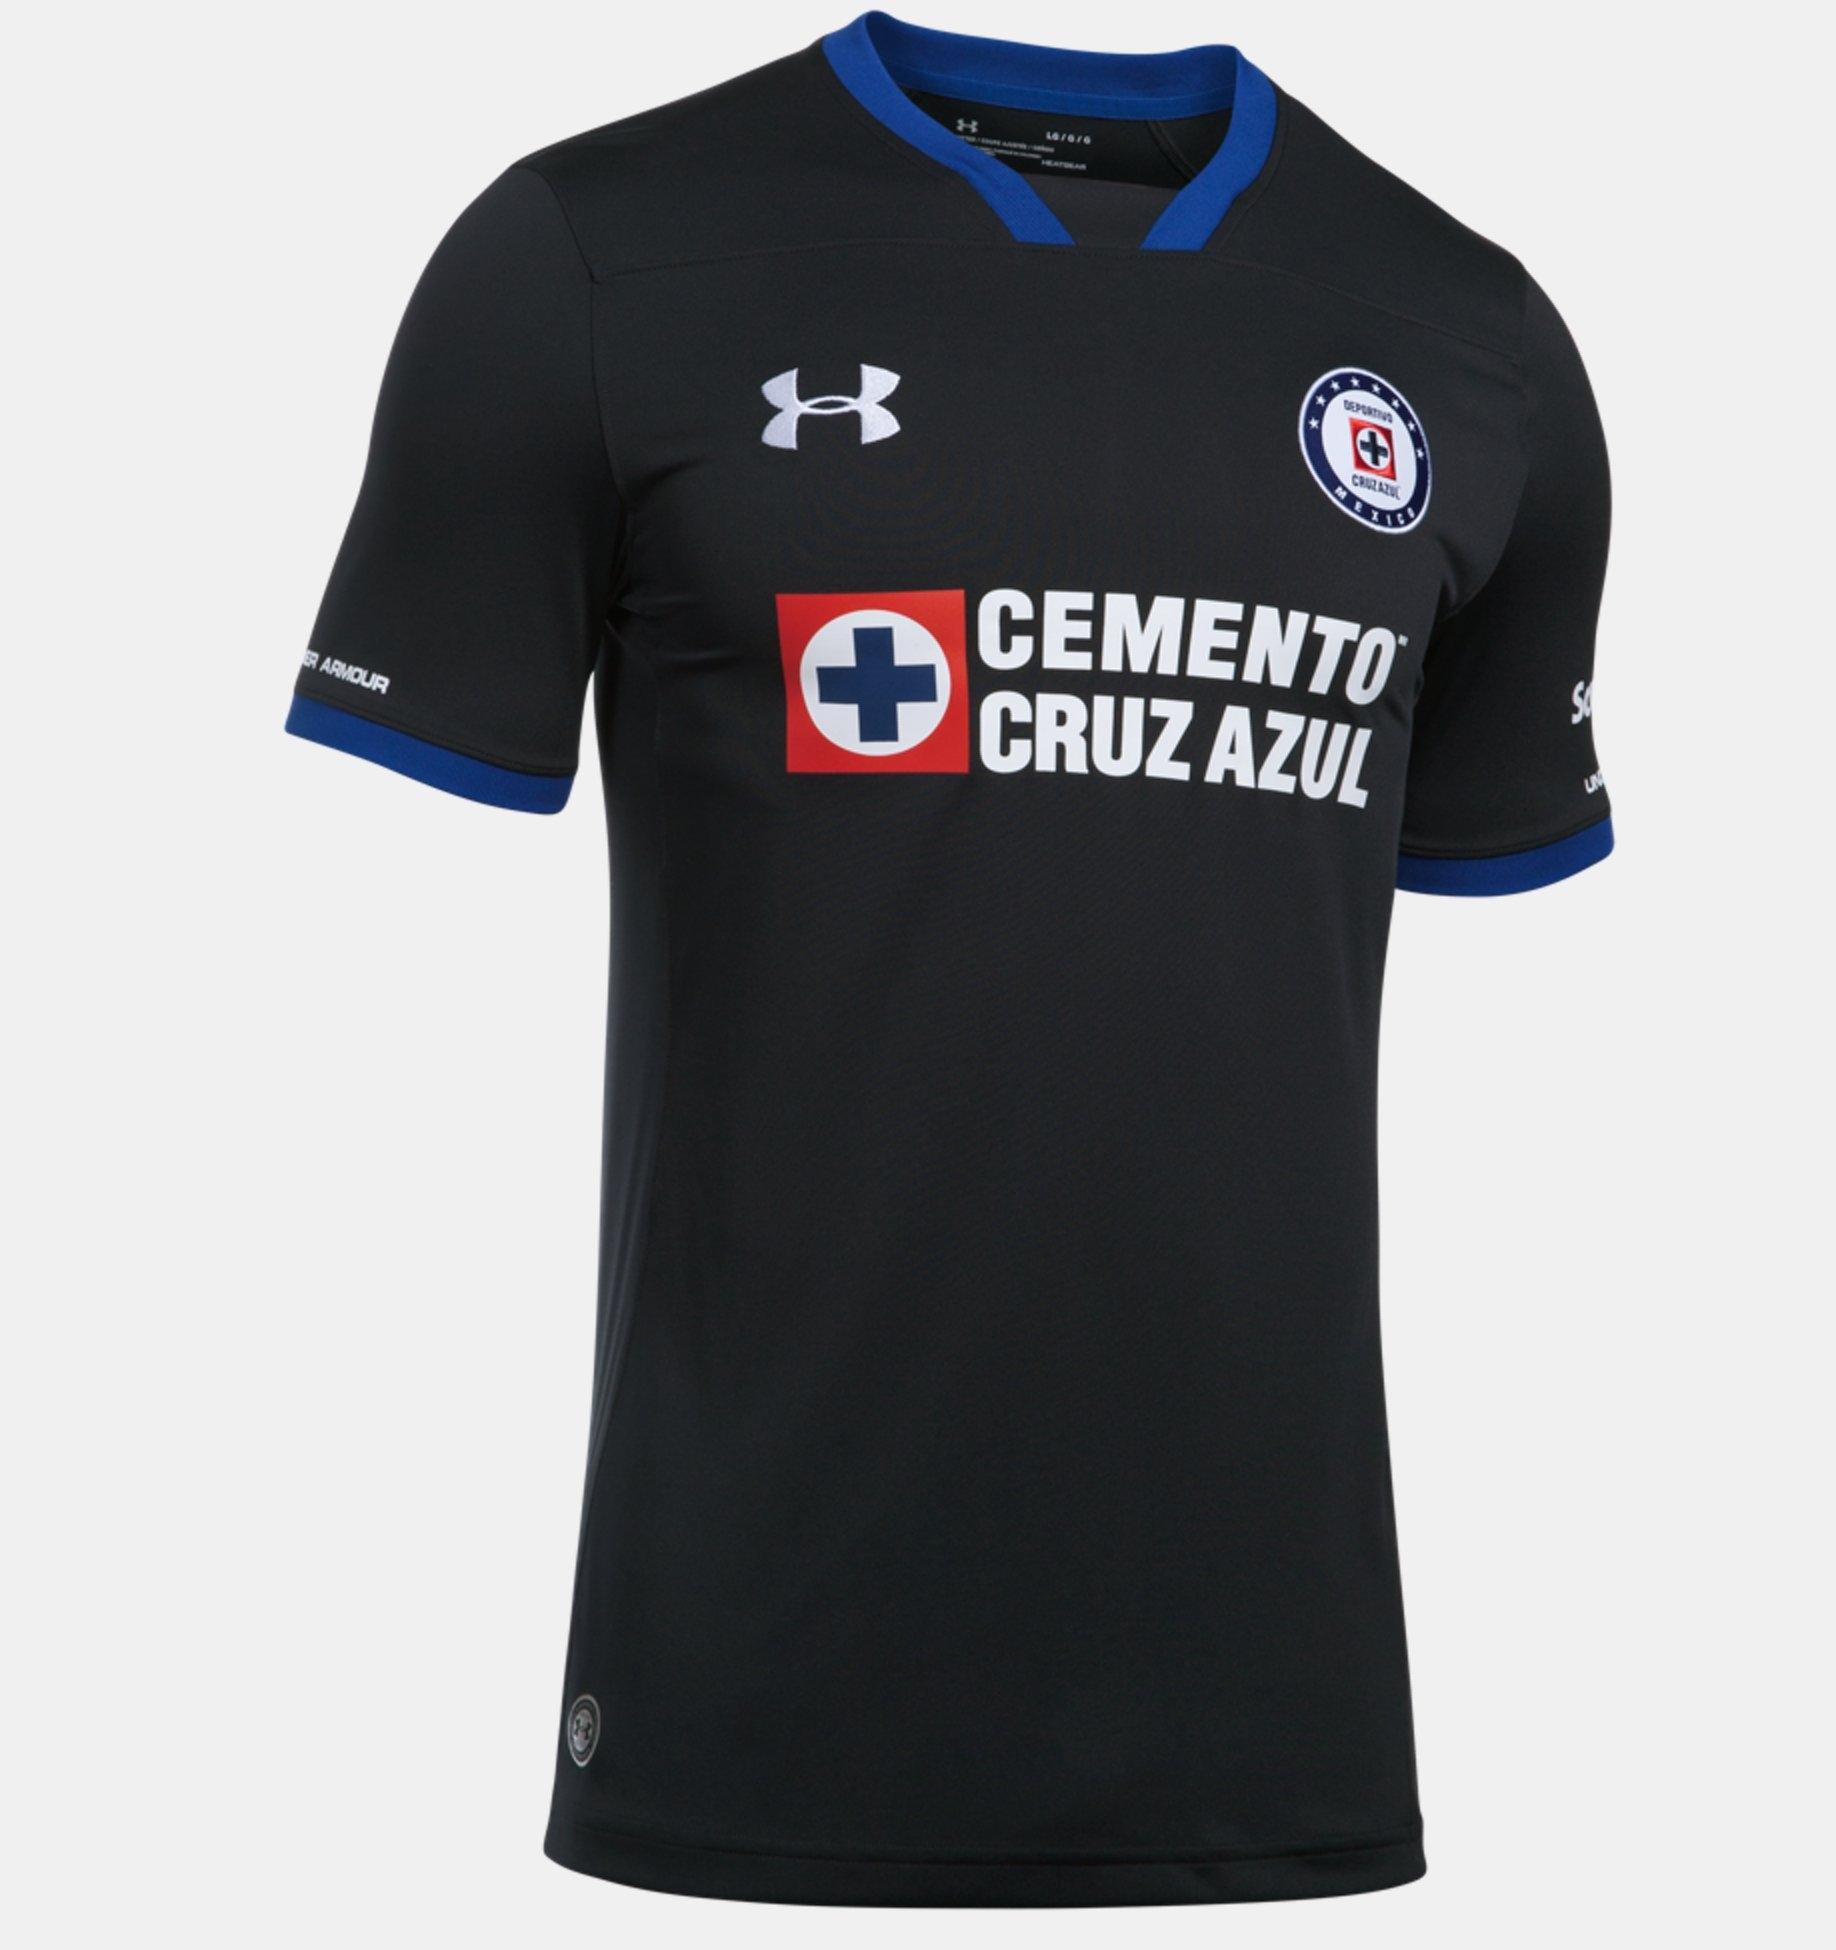 d07dee8a5 Under Armour Men s Cruz Azul 3rd Jersey 2017 18 - Soccer Premier